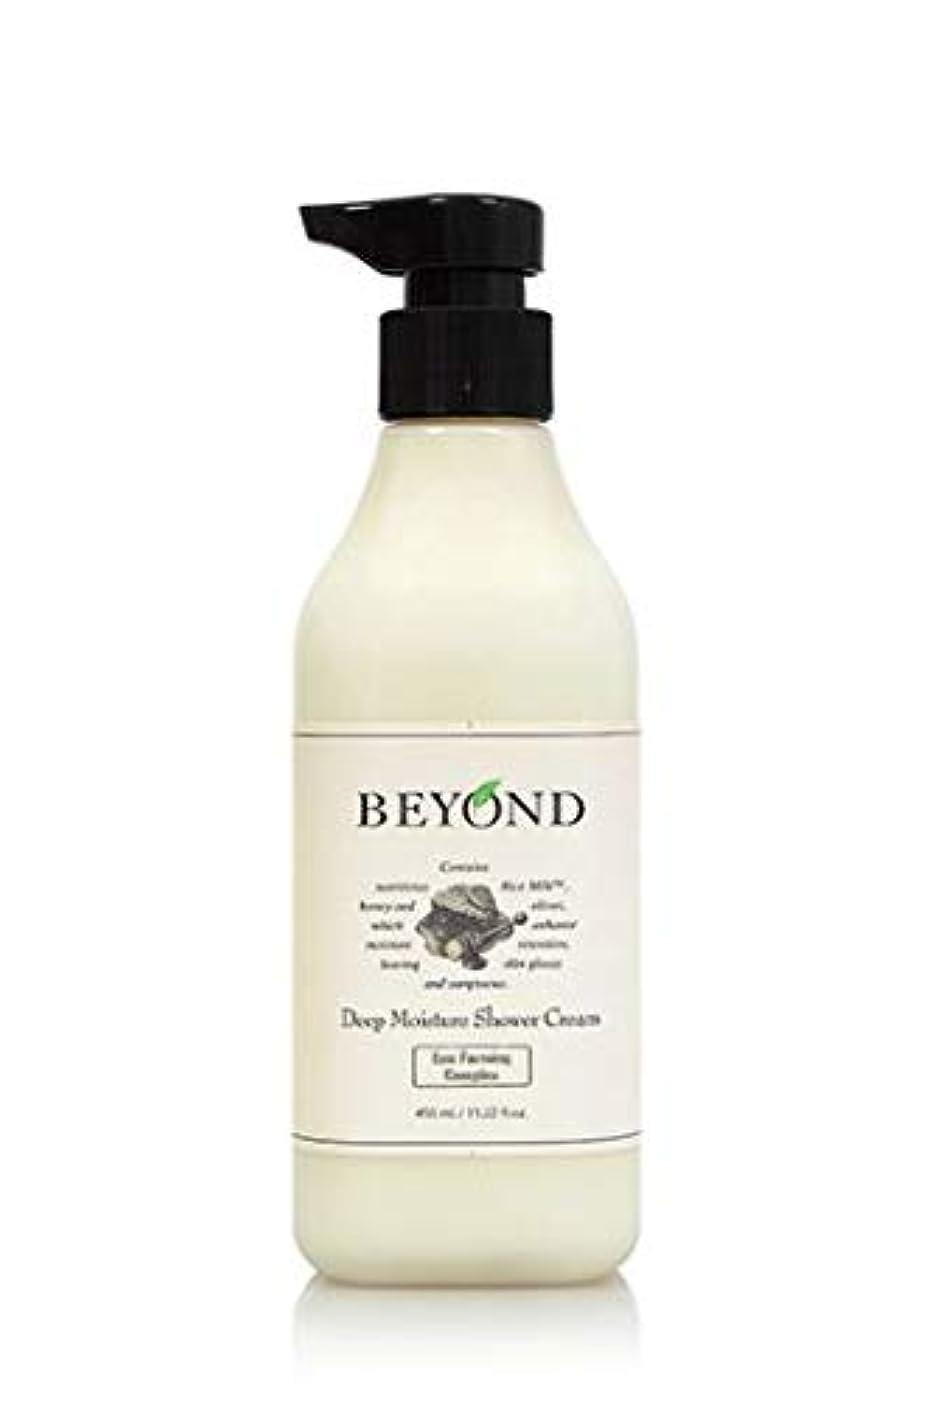 曇った共産主義者データ[ビヨンド] BEYOND [ディープモイスチャー シャワークリーム 450ml] Deep Moisture Shower Cream 450ml [海外直送品]